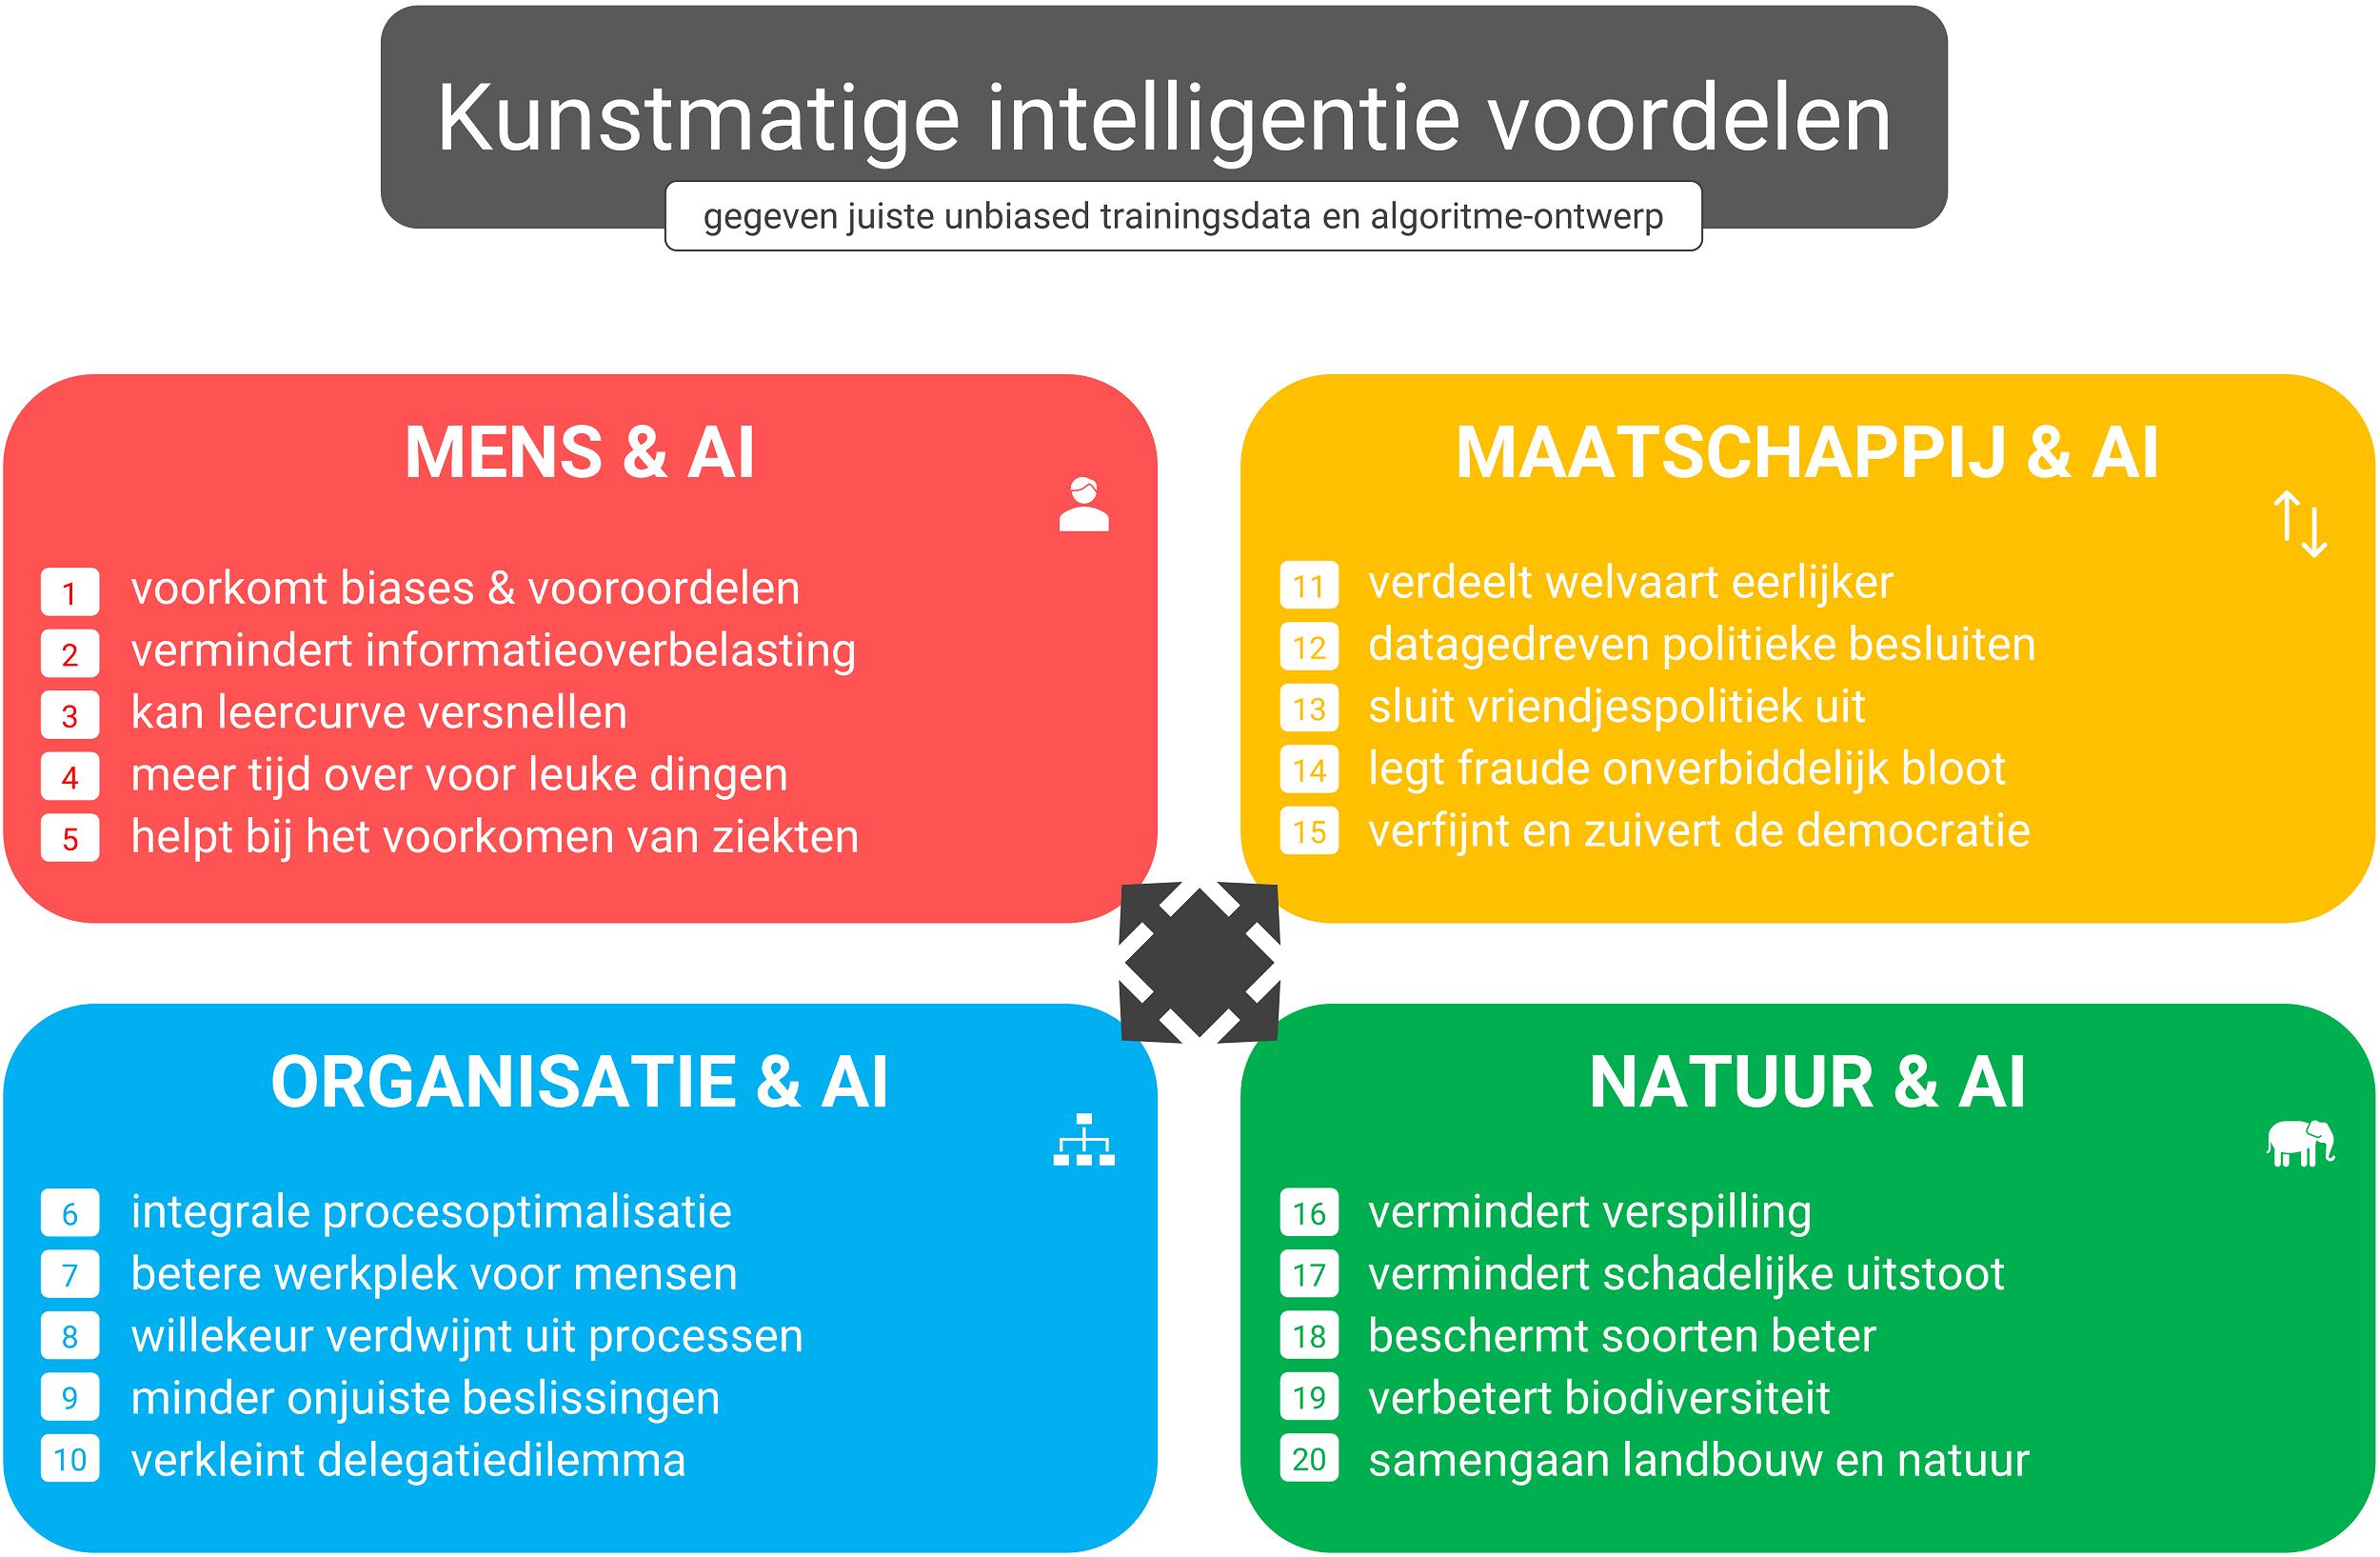 Kunstmatige intelligentie voordelen